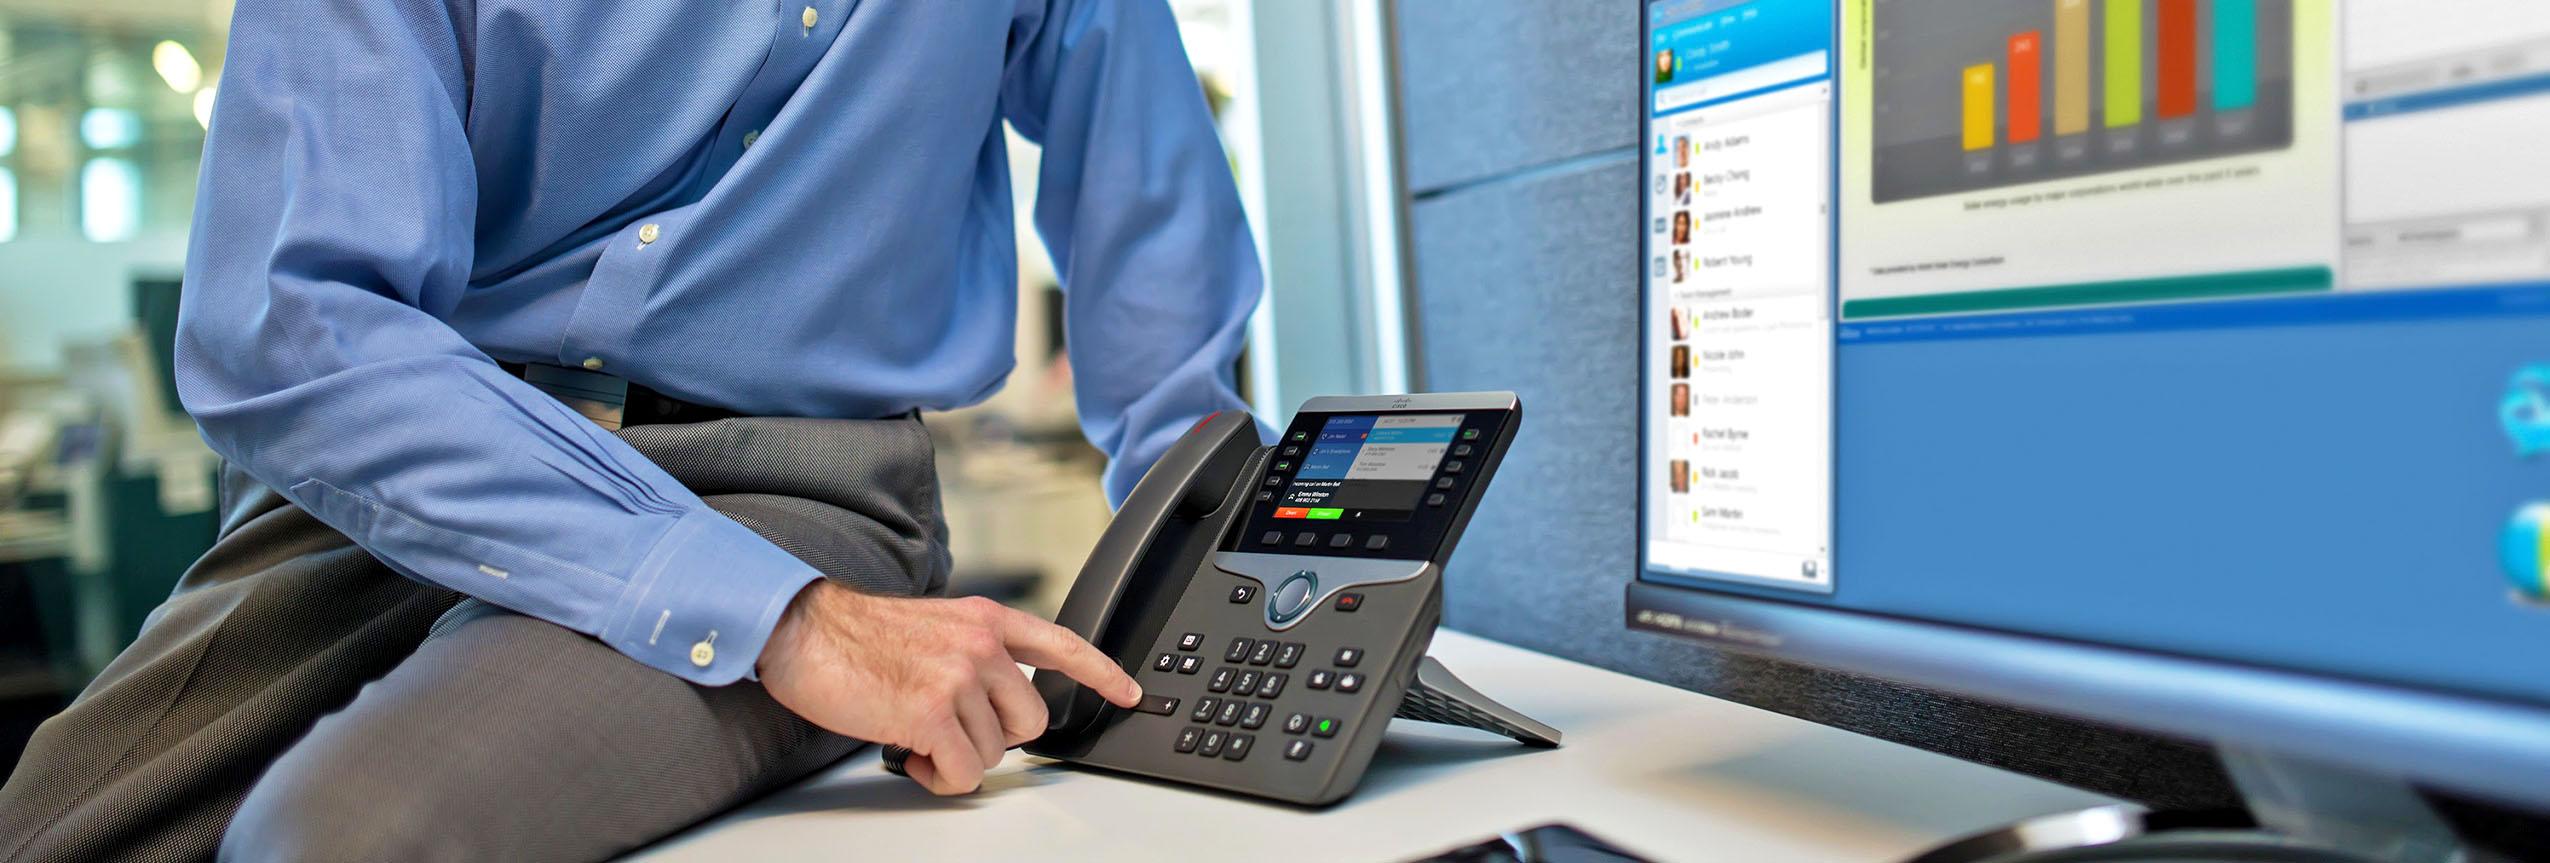 Cisco IP Phones Egypt